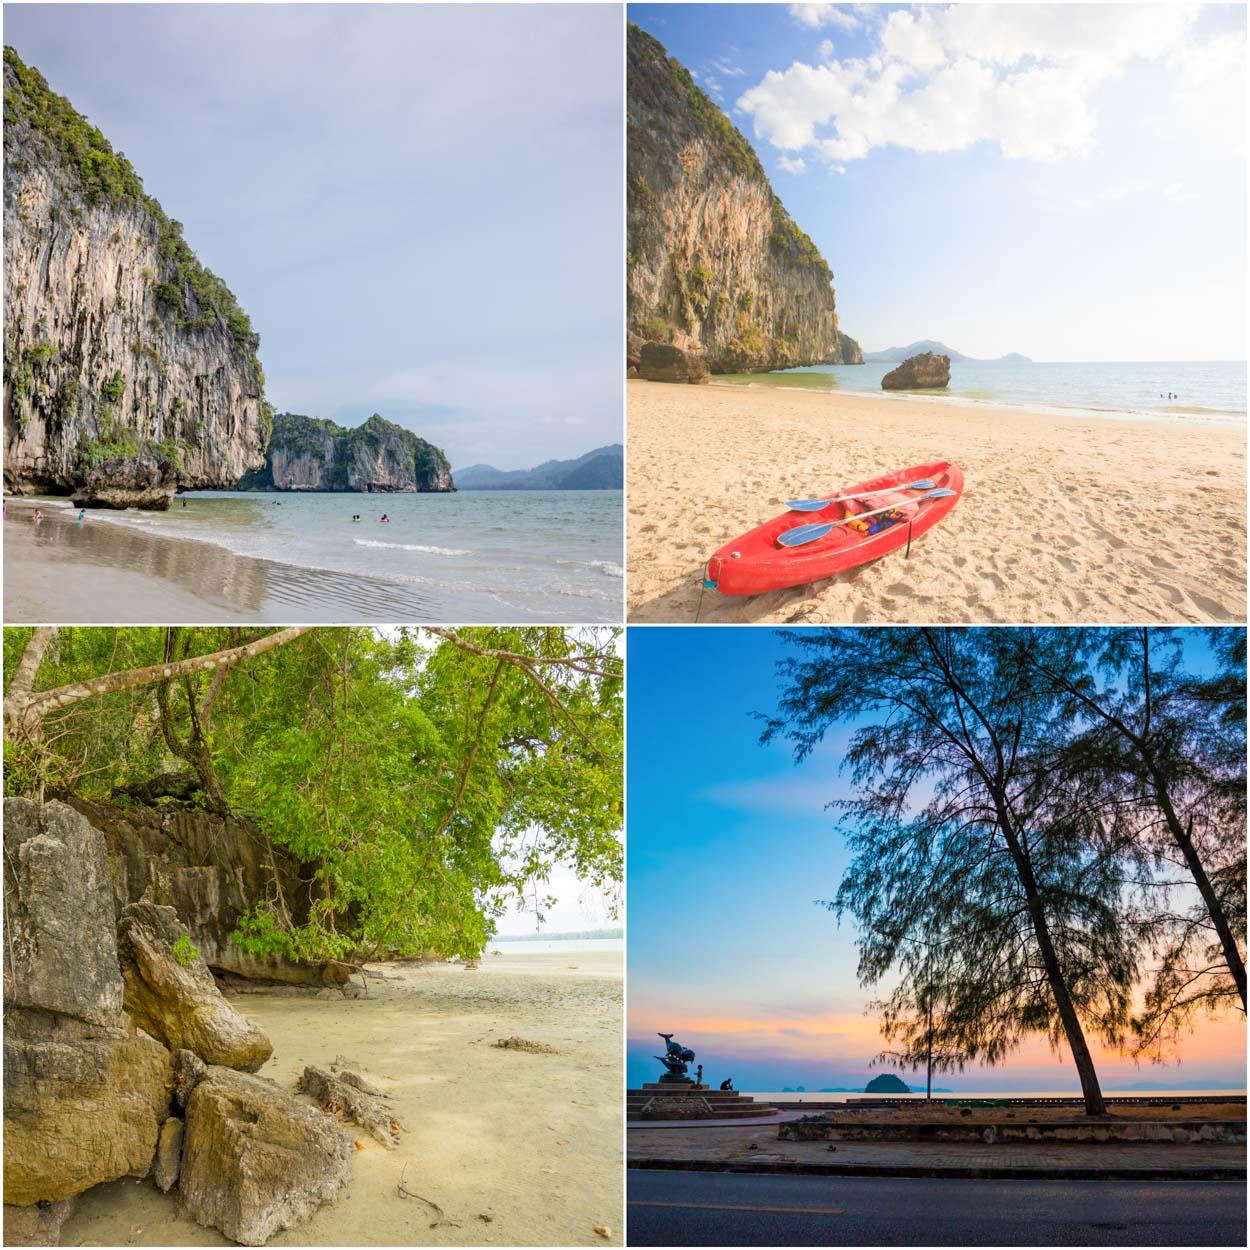 พิกัดปักหมุด หาดเจ้าไหม หาดทรายขาวๆ วิวสวยธรรมชาติบำบัดเติมพลังงานบวกให้กับชีวิต